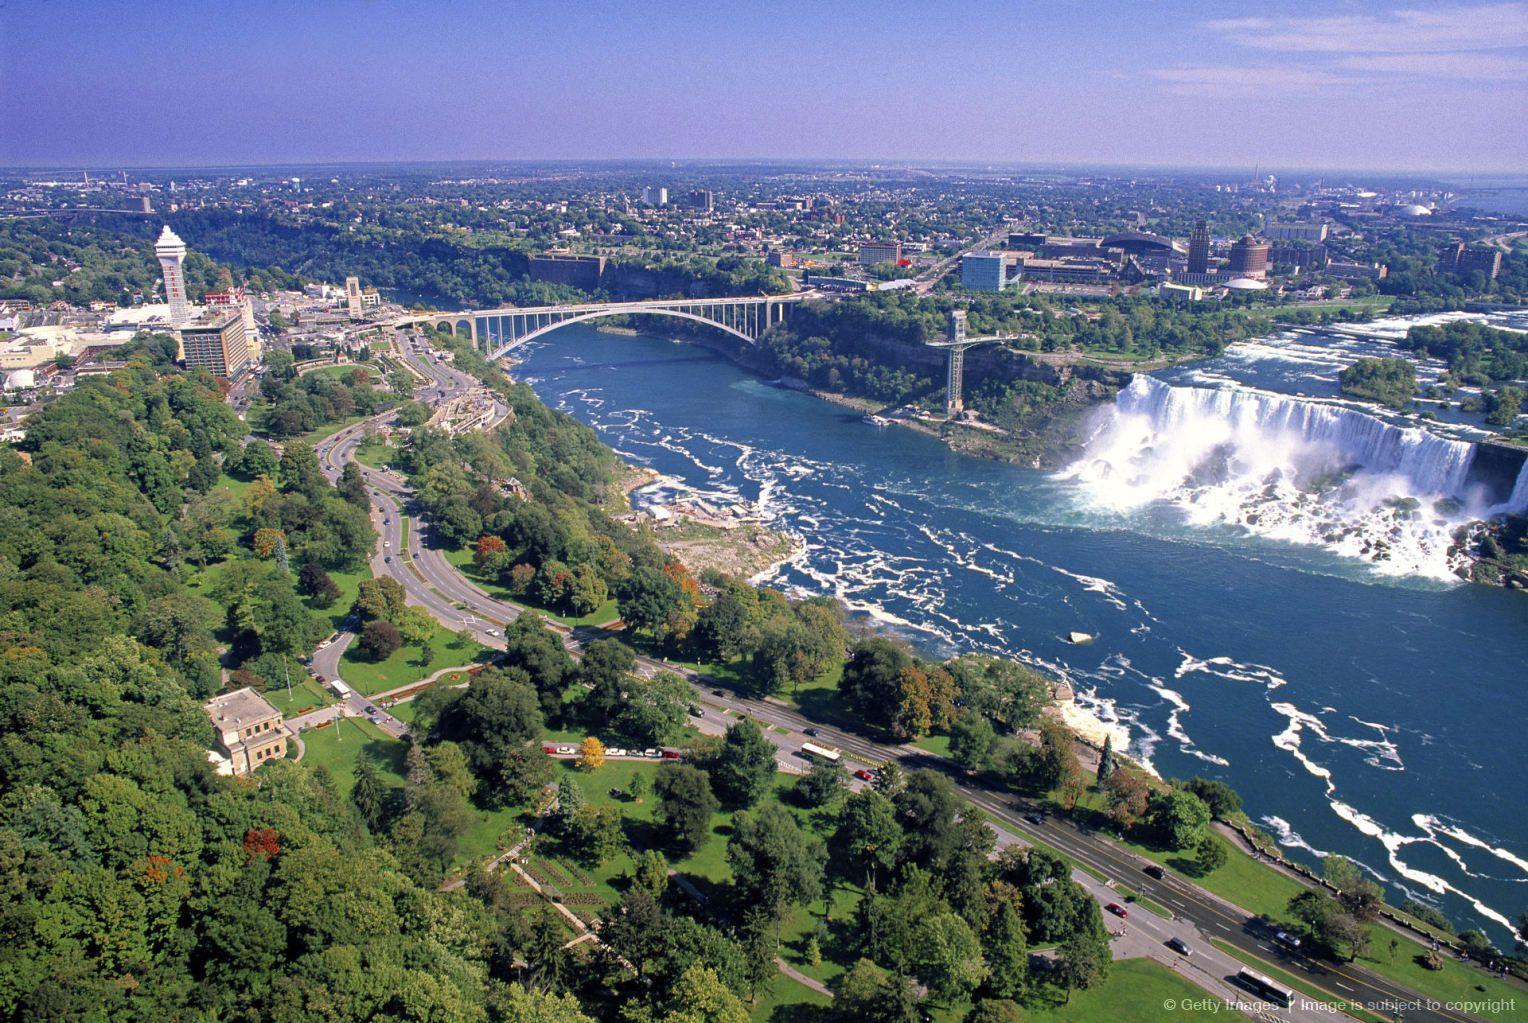 Image detail for Niagara Falls Niagara Ontario Canada